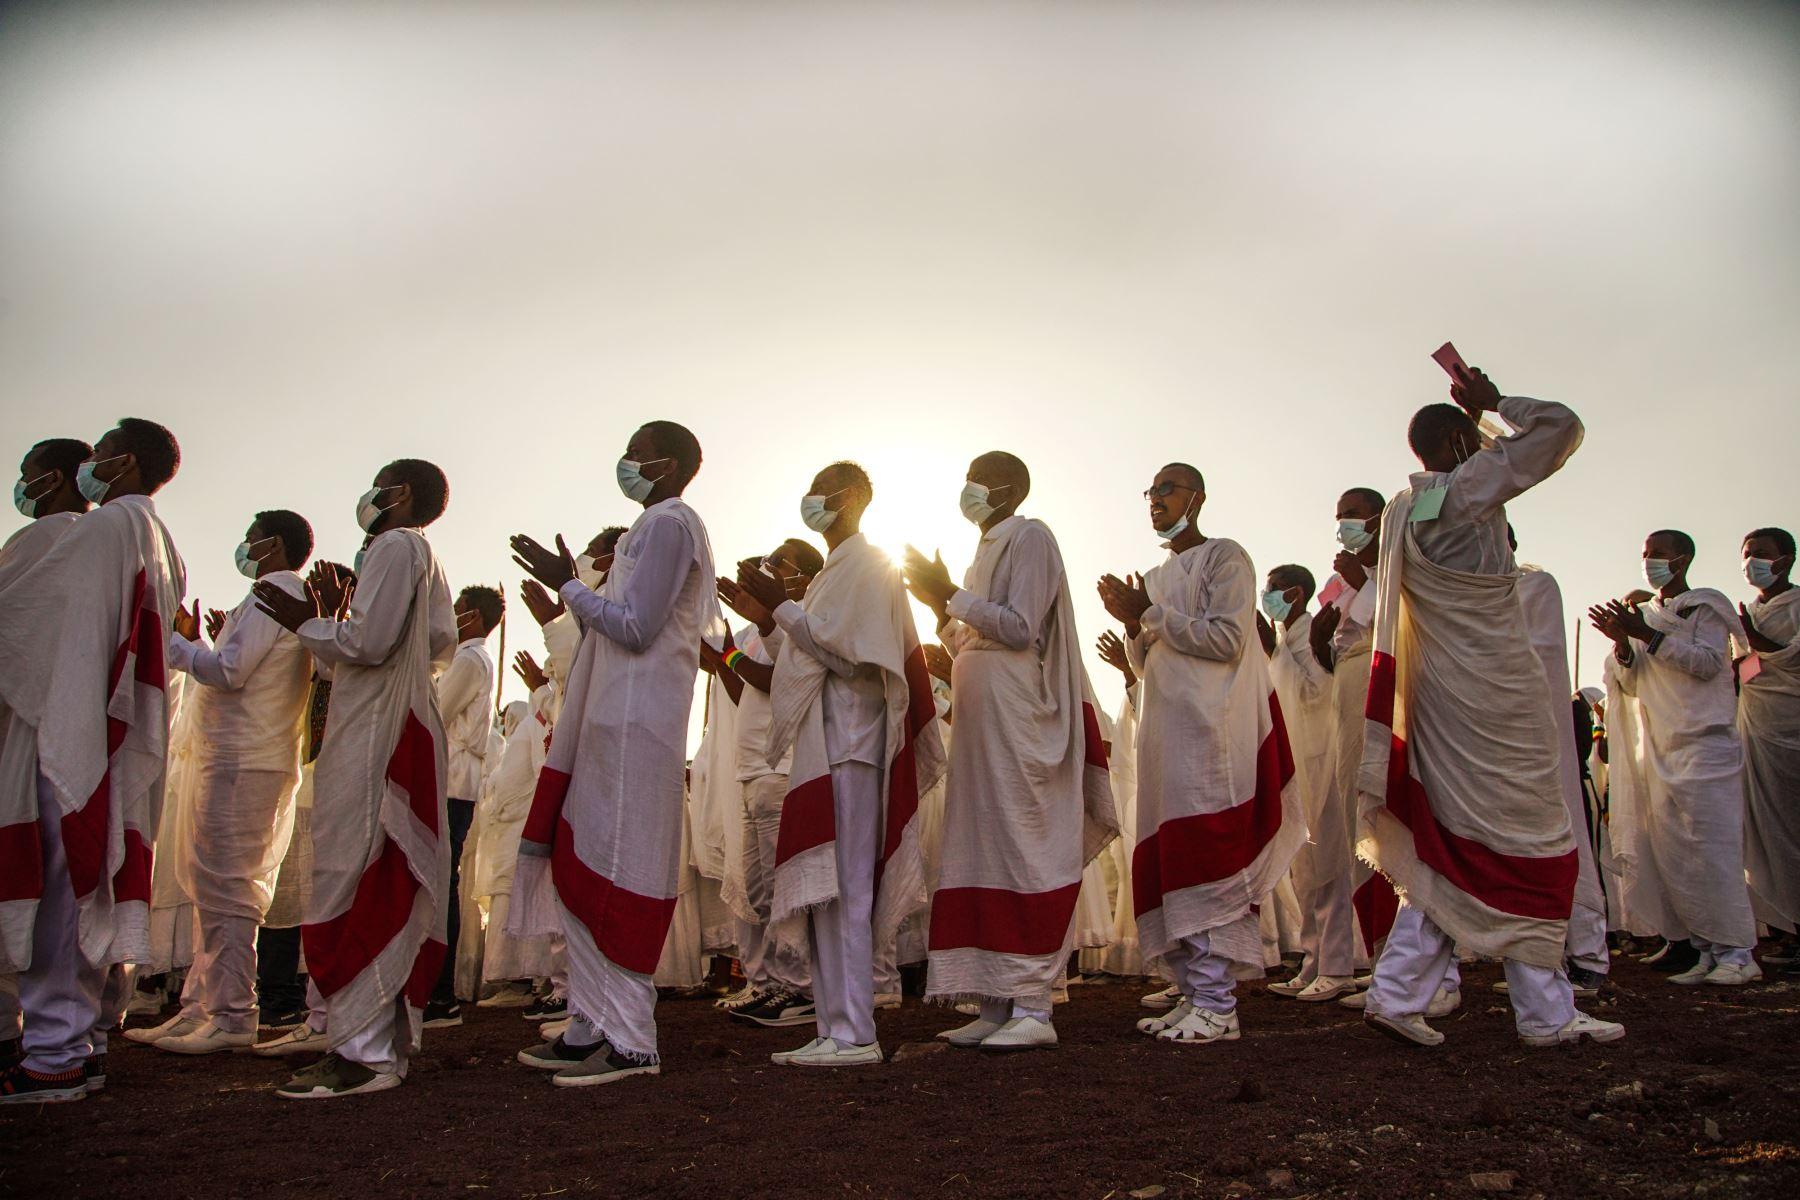 Miembros de la iglesia ortodoxa etíope cantan mientras usan una máscara para protegerse contra el covid-19, durante la celebración de la Epifanía etíope en Addis Abeba, Etiopía que celebran el bautismo de Jesús en el Río Jordan.  Foto: AFP